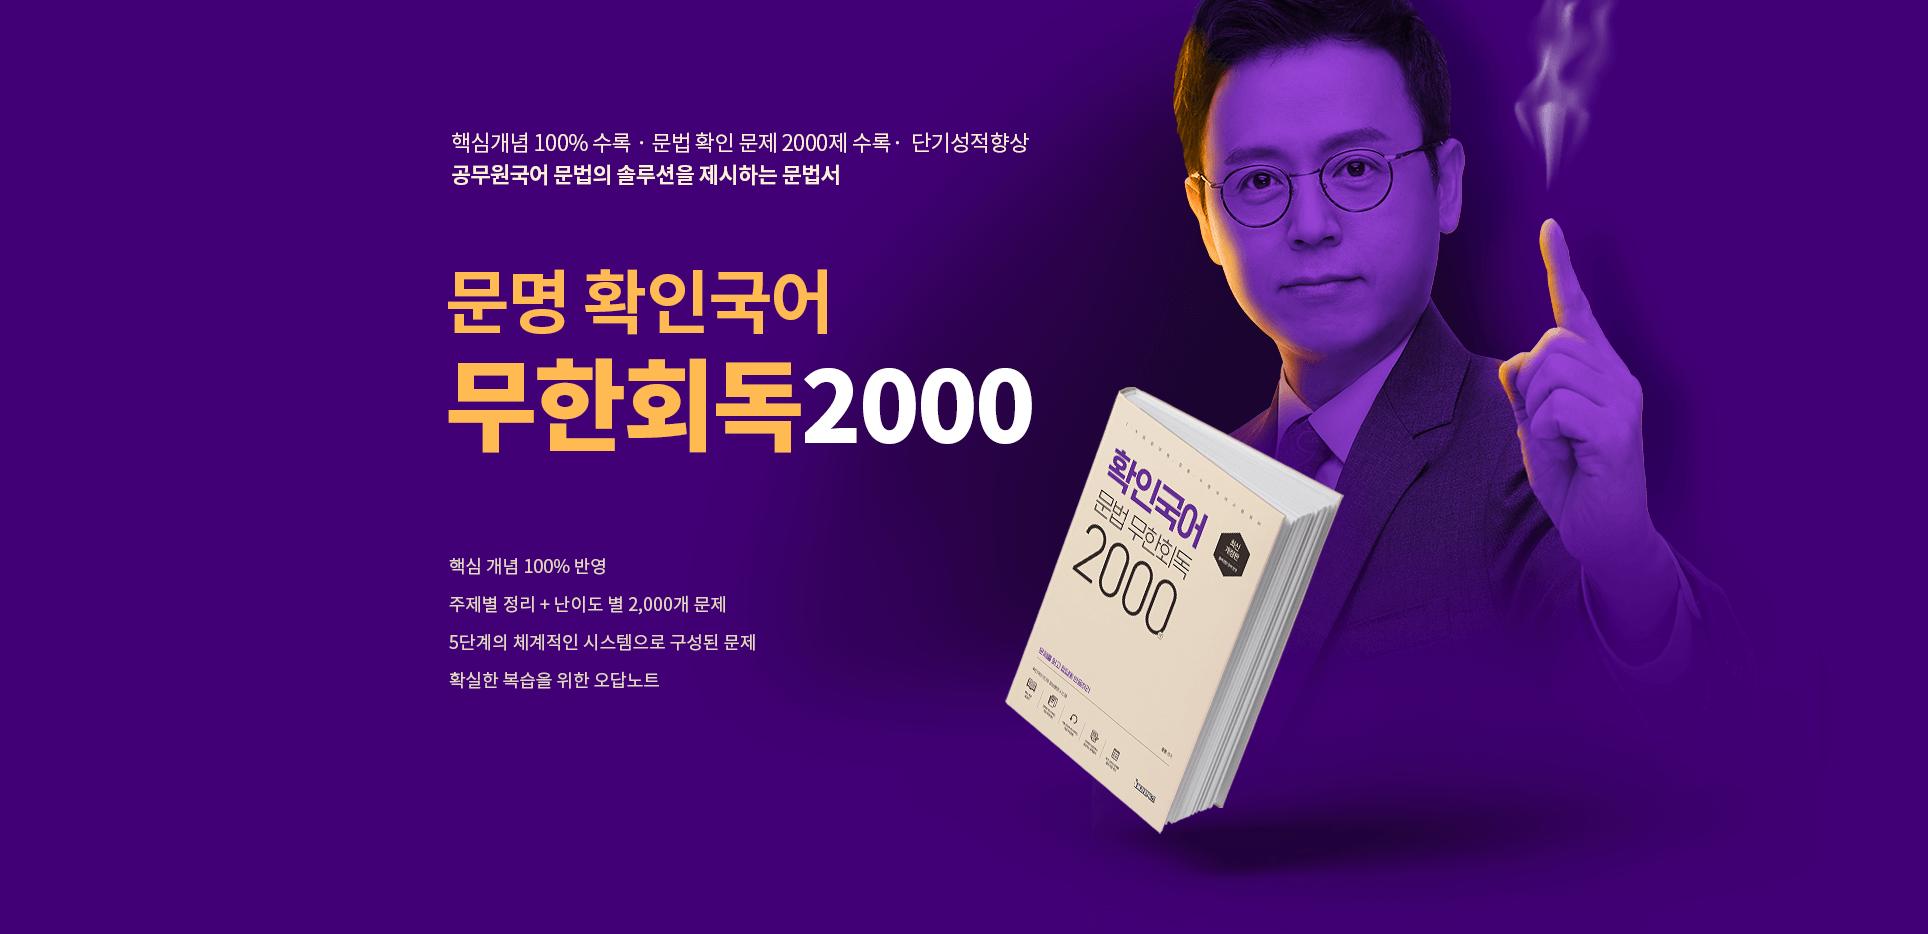 문명 확인국어 무료배포